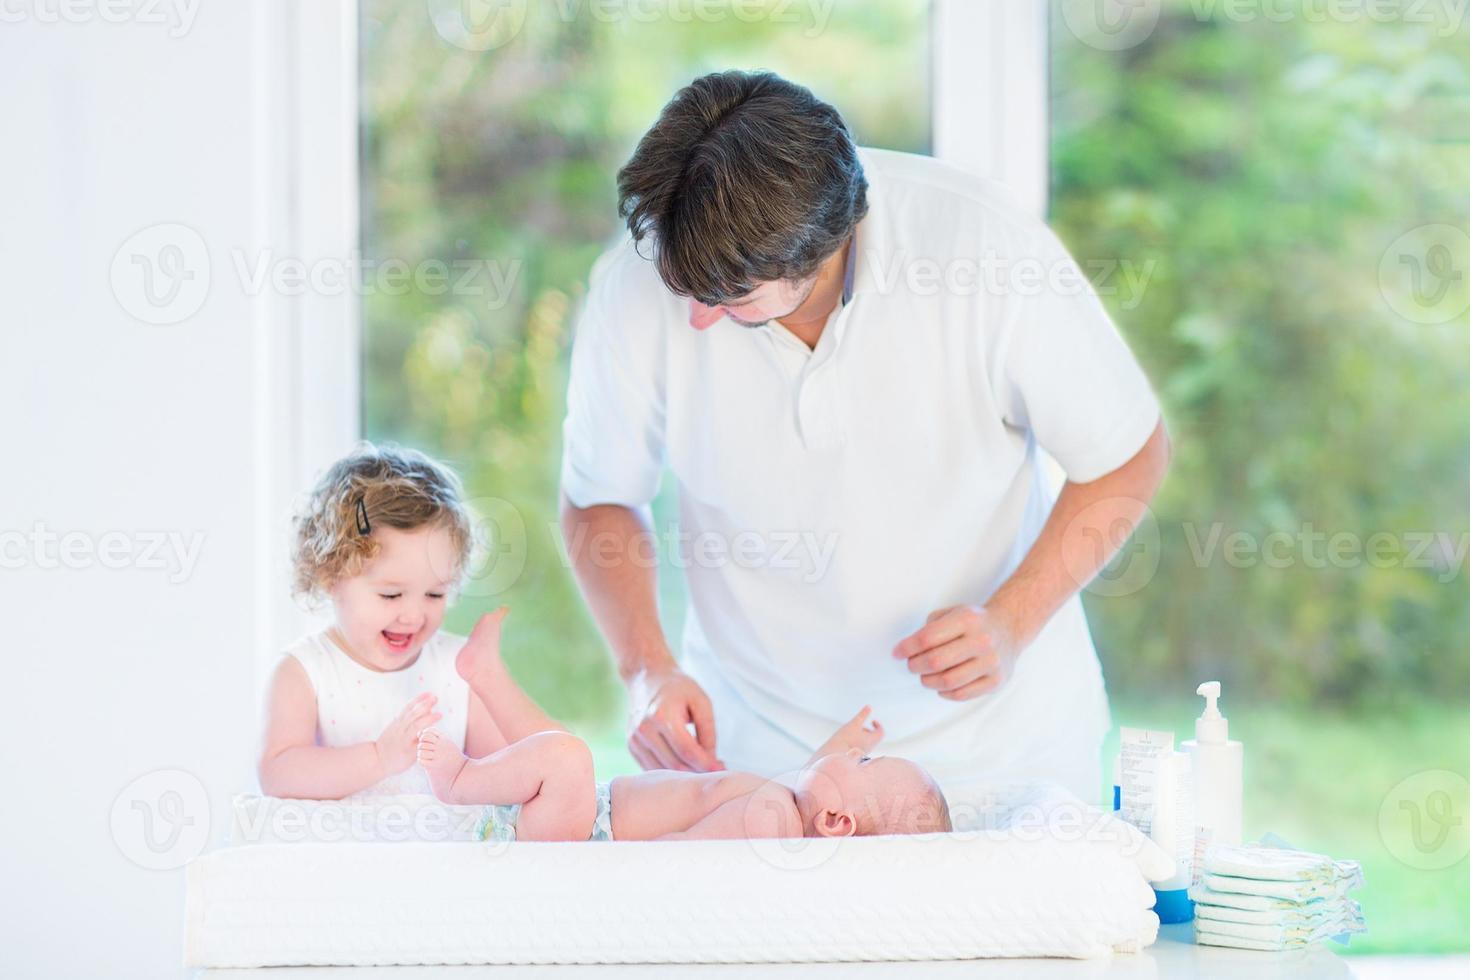 nouveau-né, regarder, sien, père, et, soeur, changer, couche photo